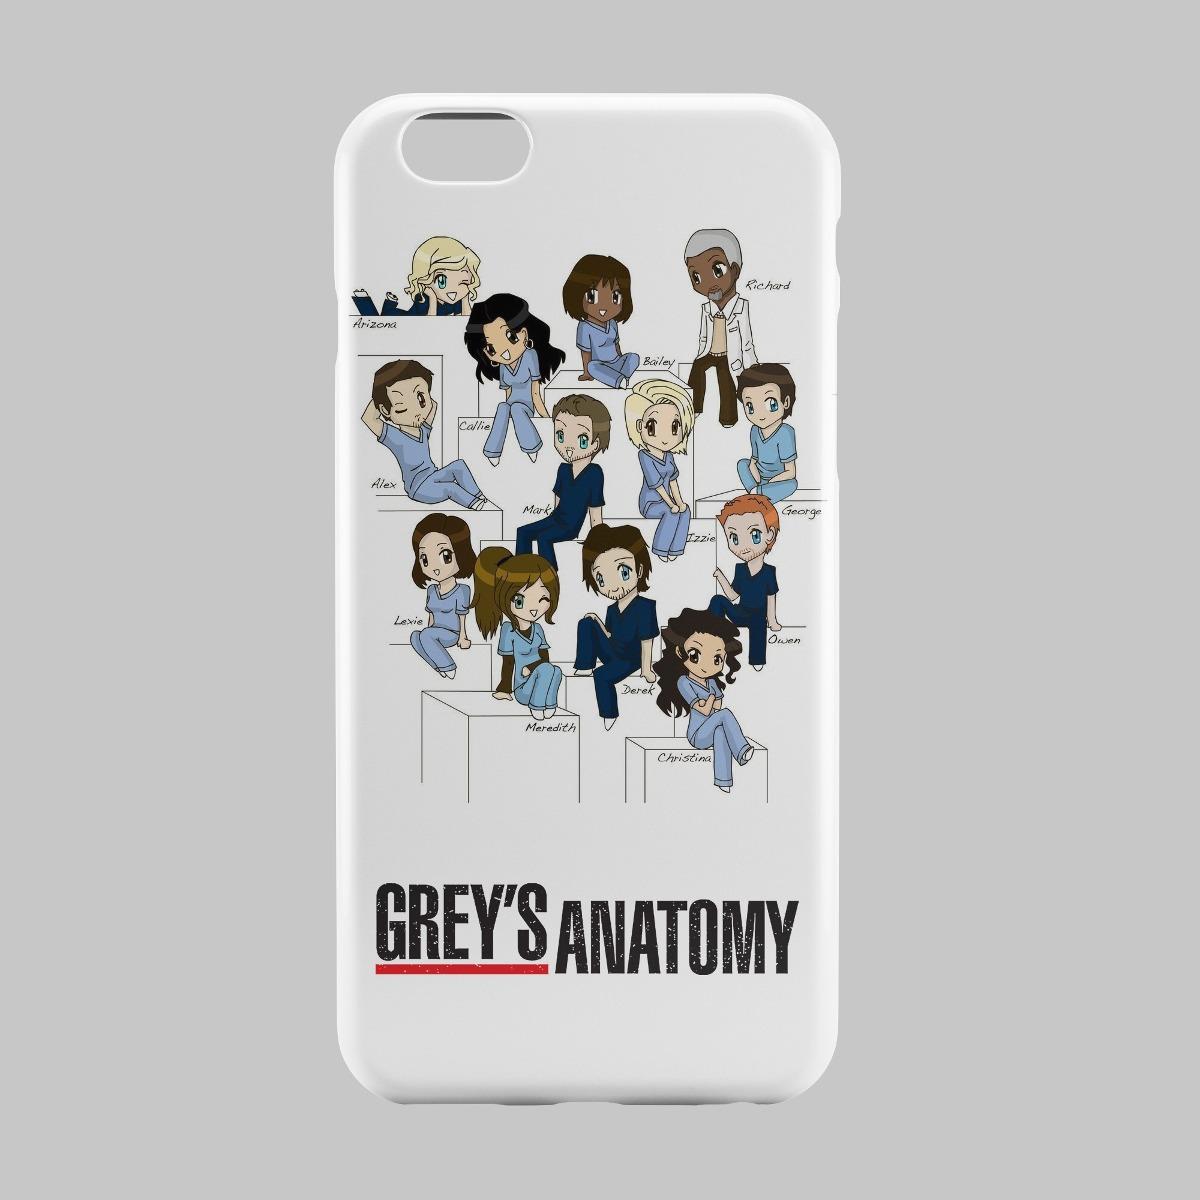 Ungewöhnlich Beobachten Greys Anatomy Auf Iphone Bilder - Anatomie ...